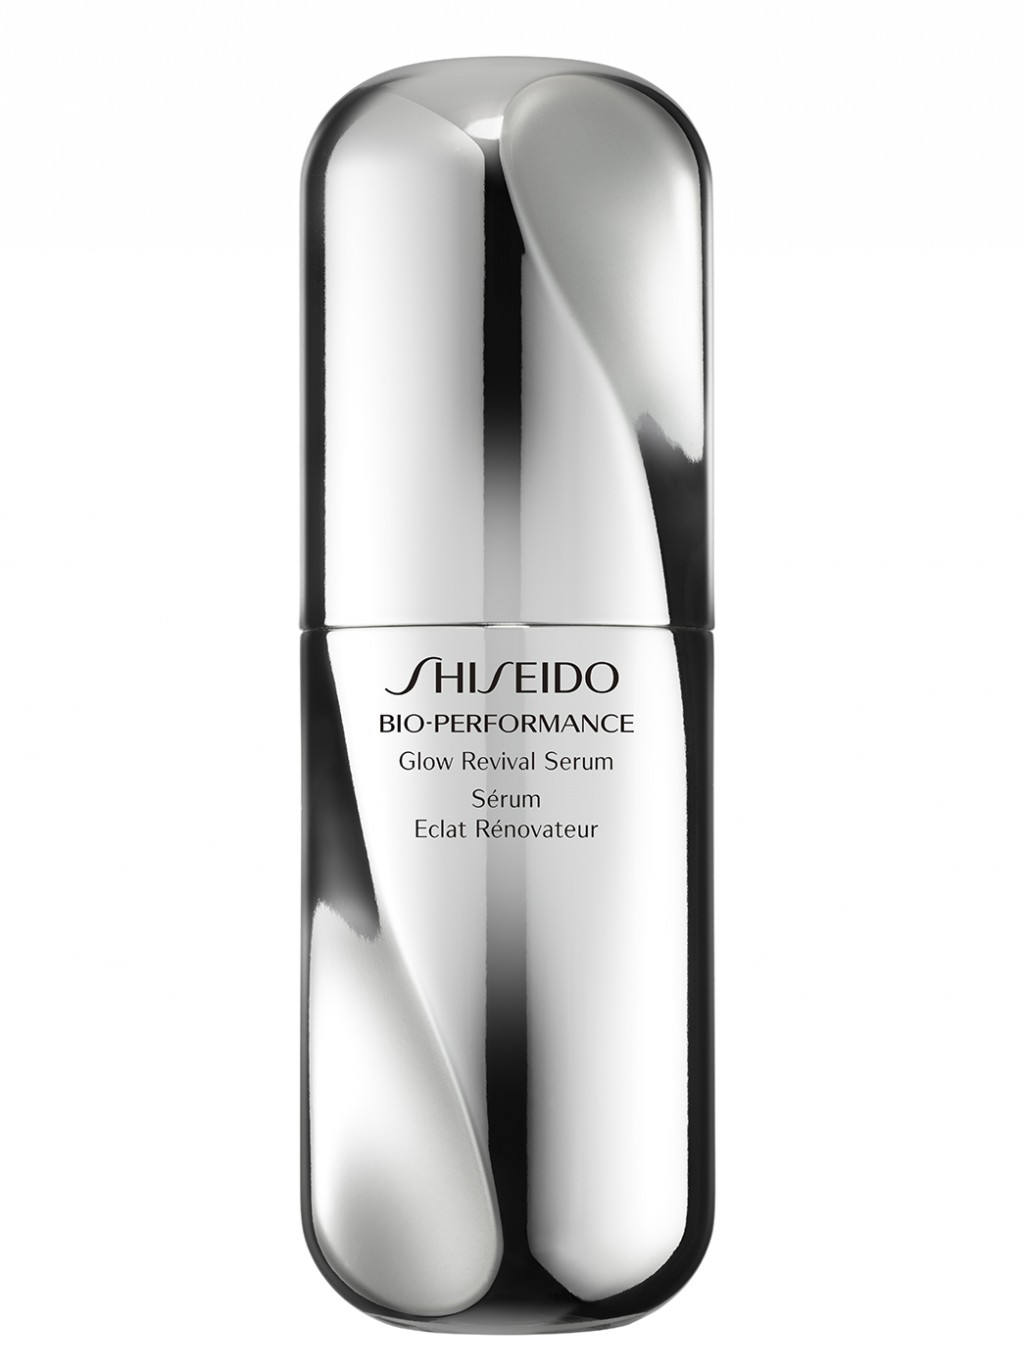 Shiseido Bio Performance Glow Revival Serum - Lời giải cho bài toán chống lão hóa da